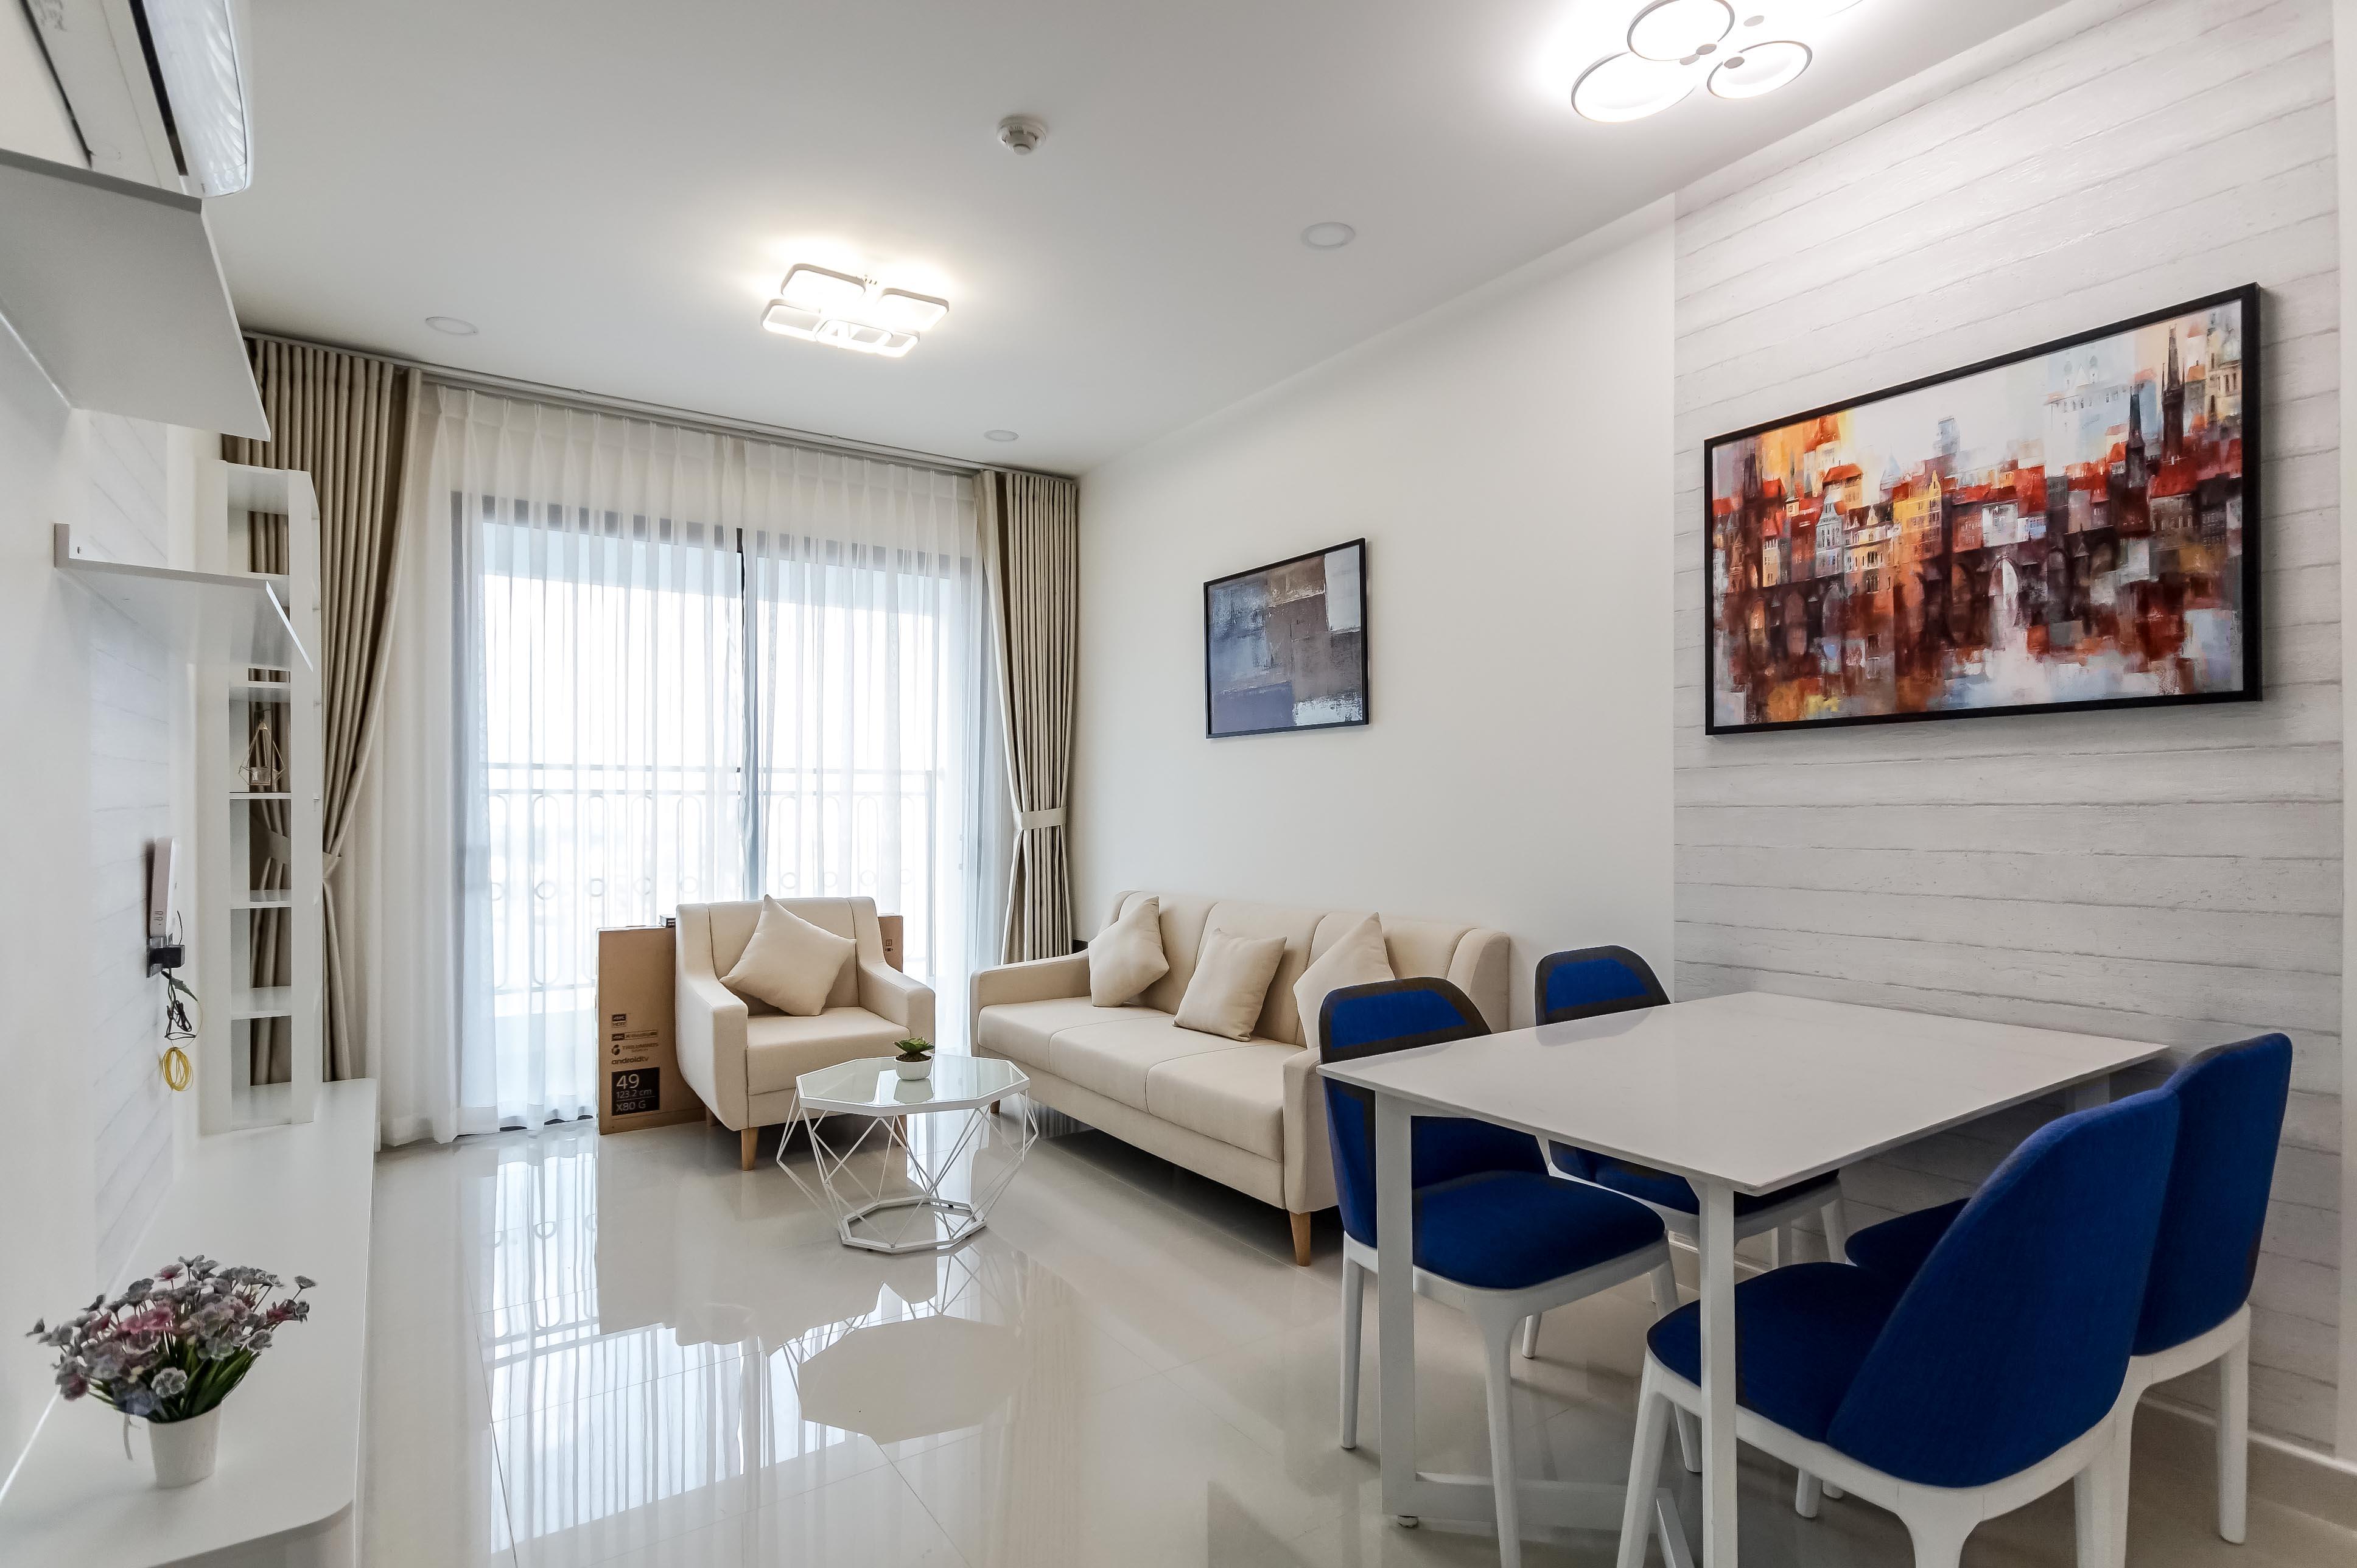 Căn hộ 2 PN Saigon Royal Residence - Đầy Đủ Nội Thất & Trang Nhã-6